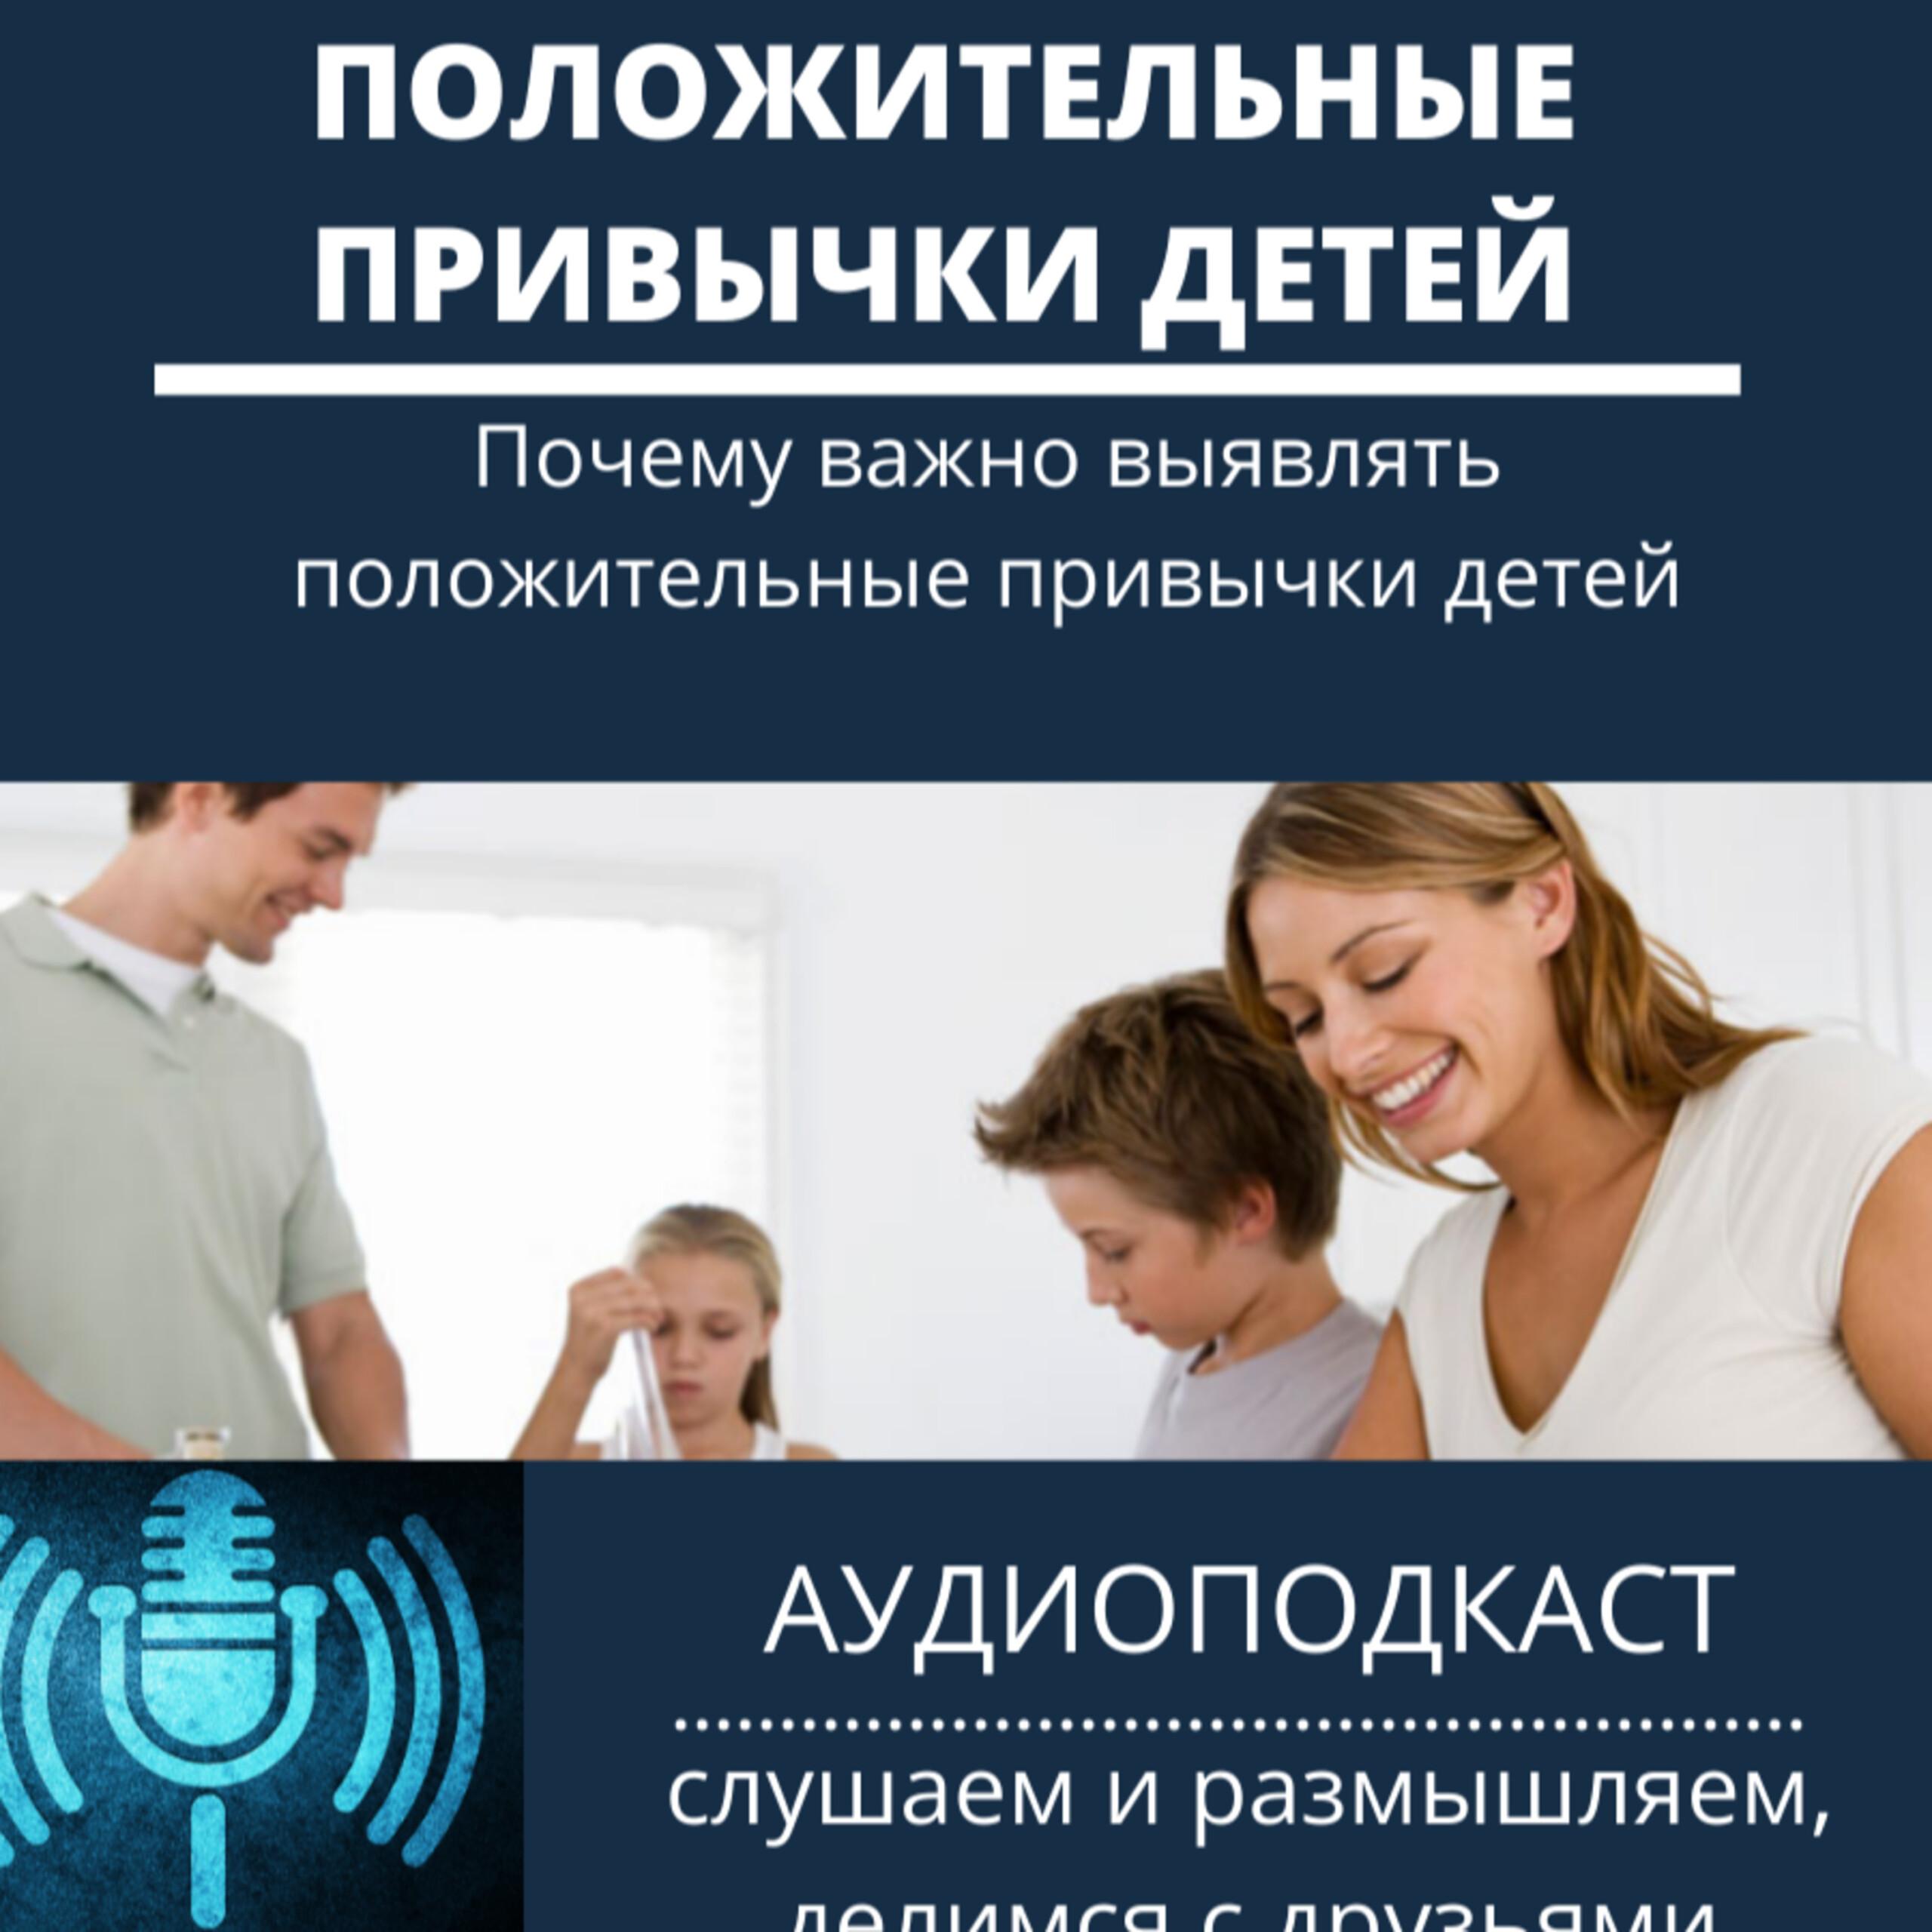 Почему важно выявлять положительные привычки детей